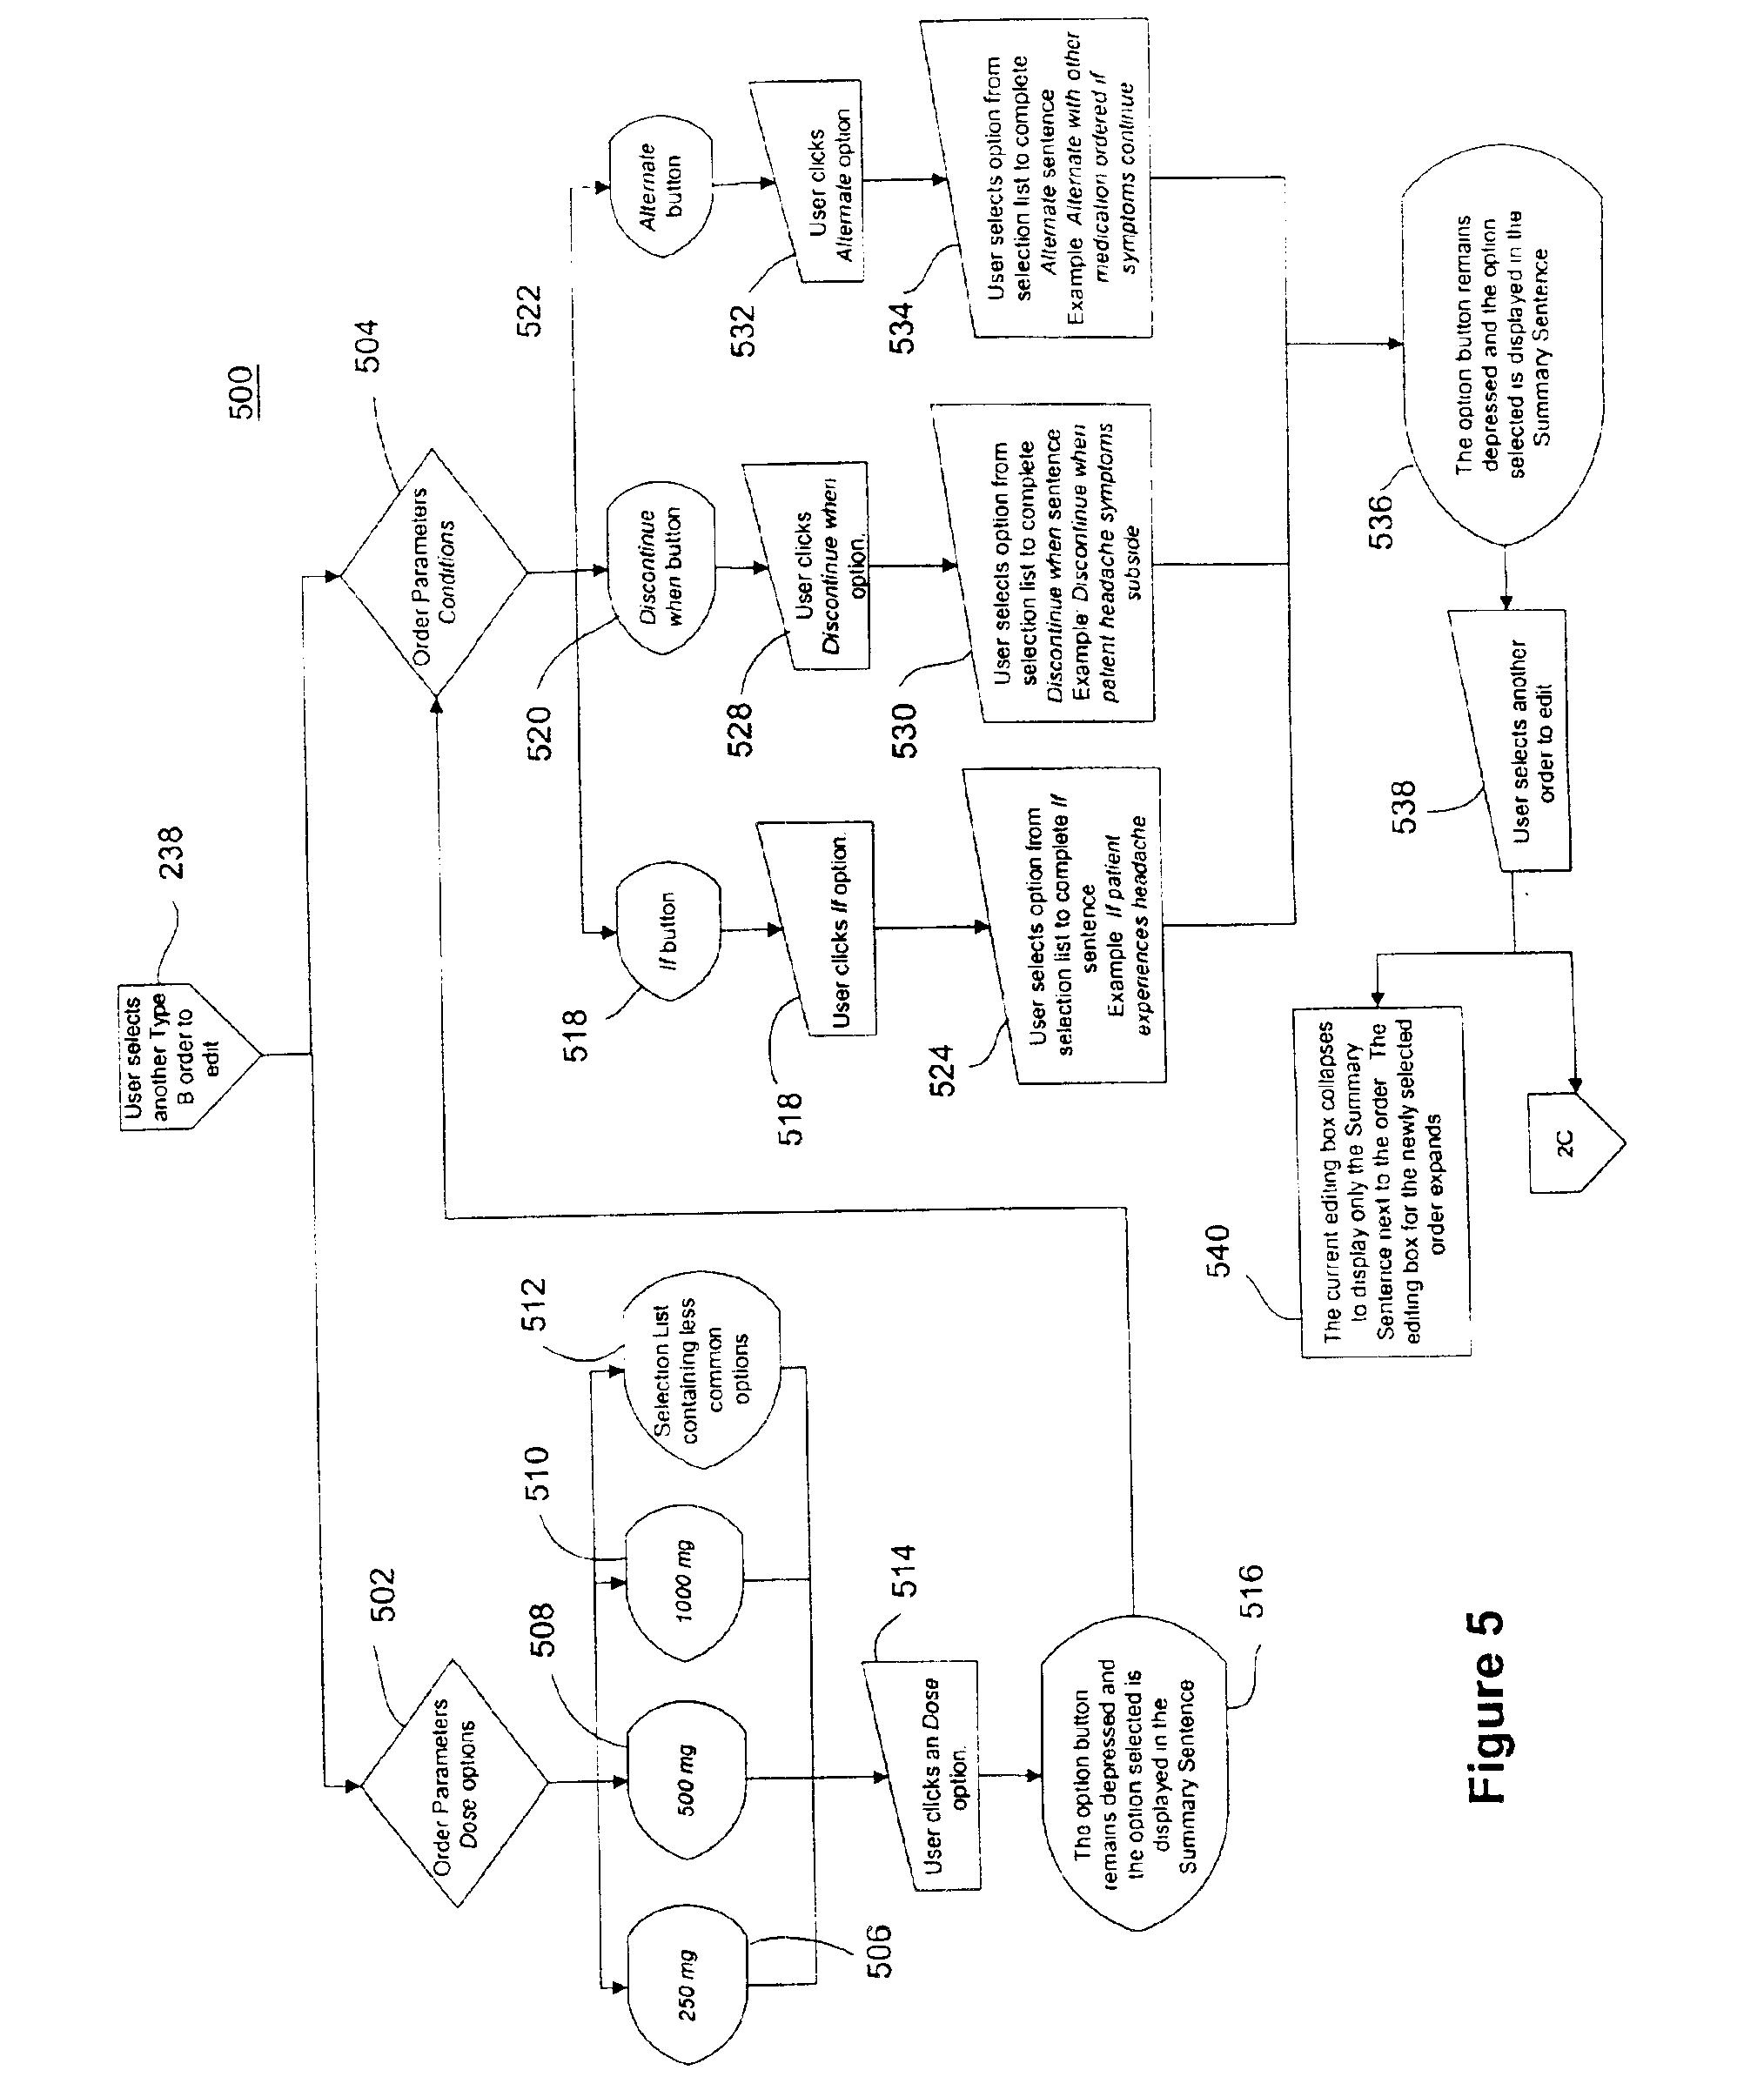 patent us6983423